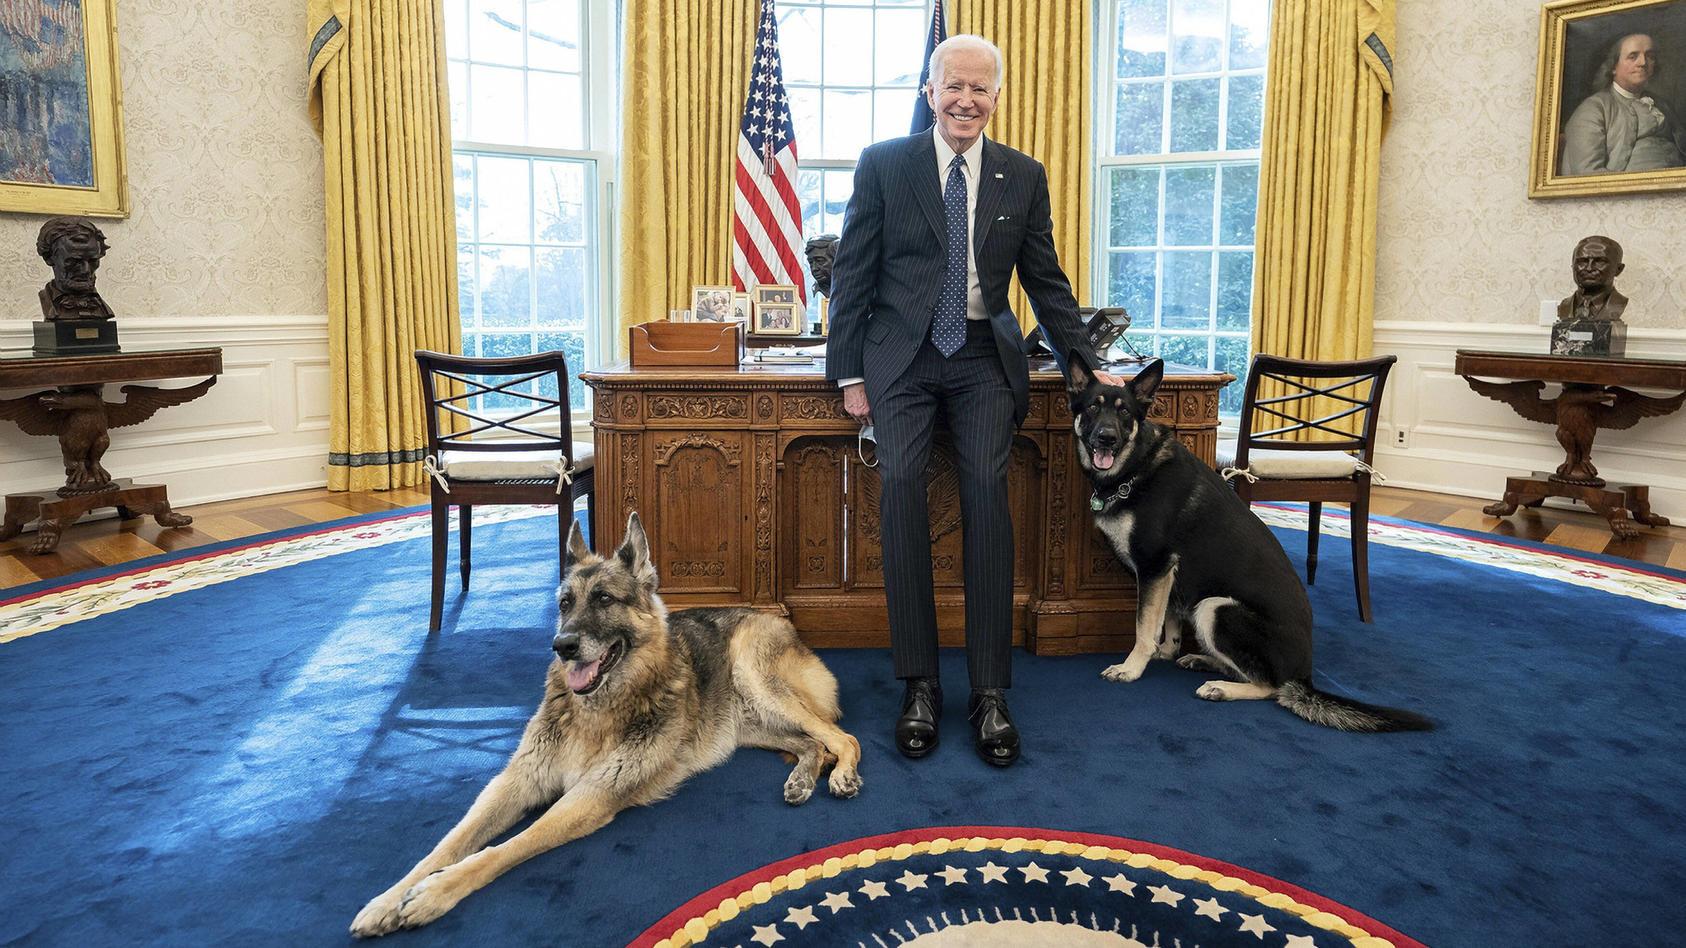 Washington, die Hunde von US-Präsident Biden müssen das Weiße Haus verlassen - Archivbilder STYLELOCATIONU.S President J